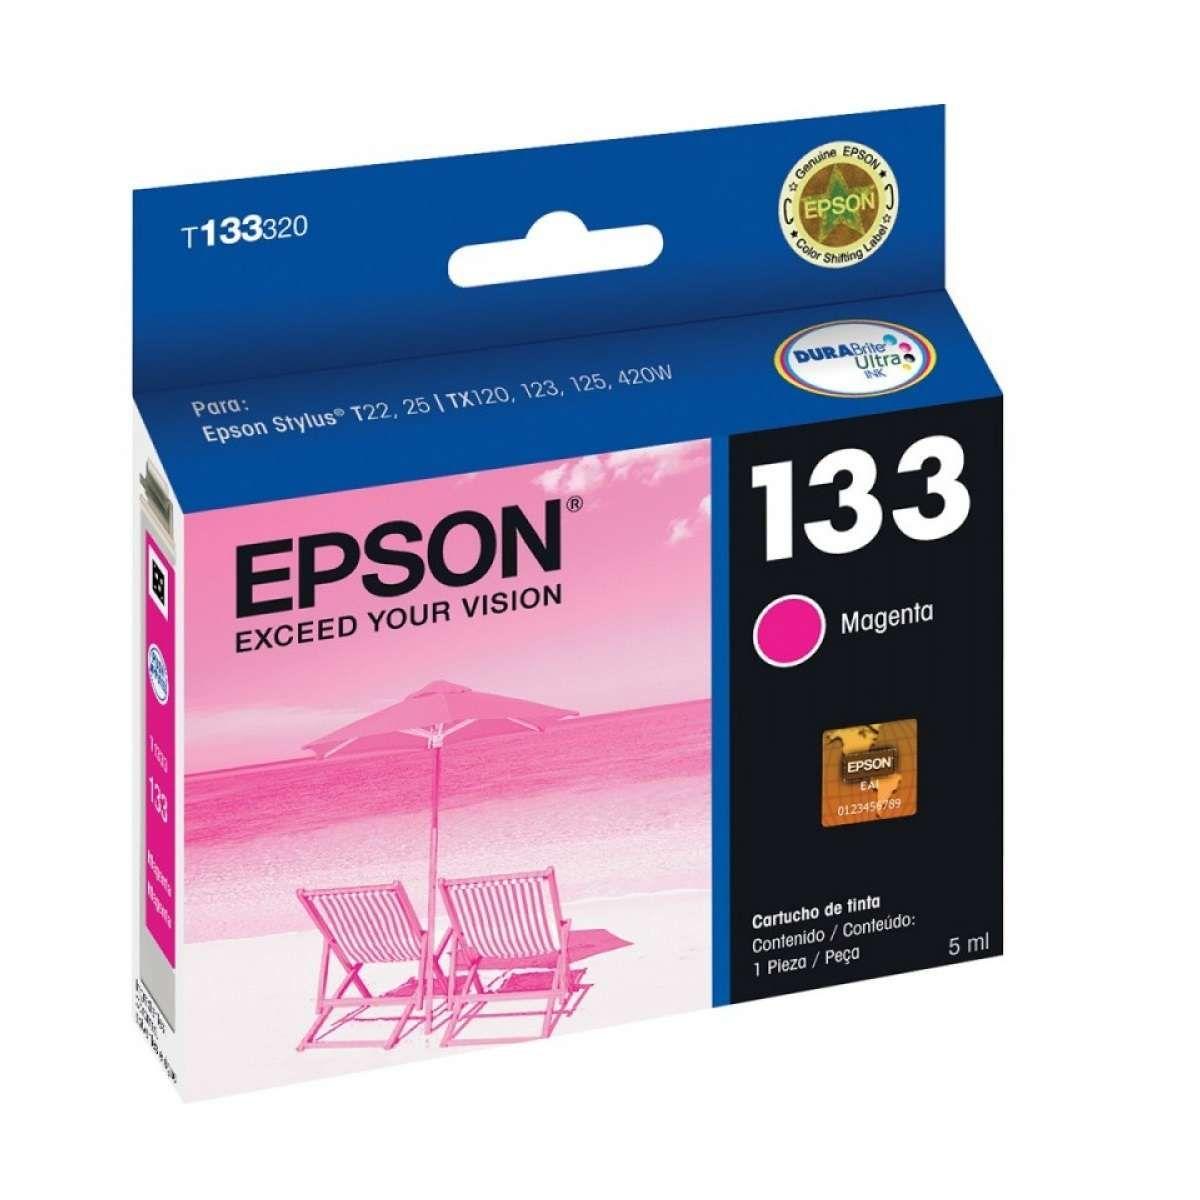 Cartucho de Tinta Epson T133120-Br Magenta 5ml